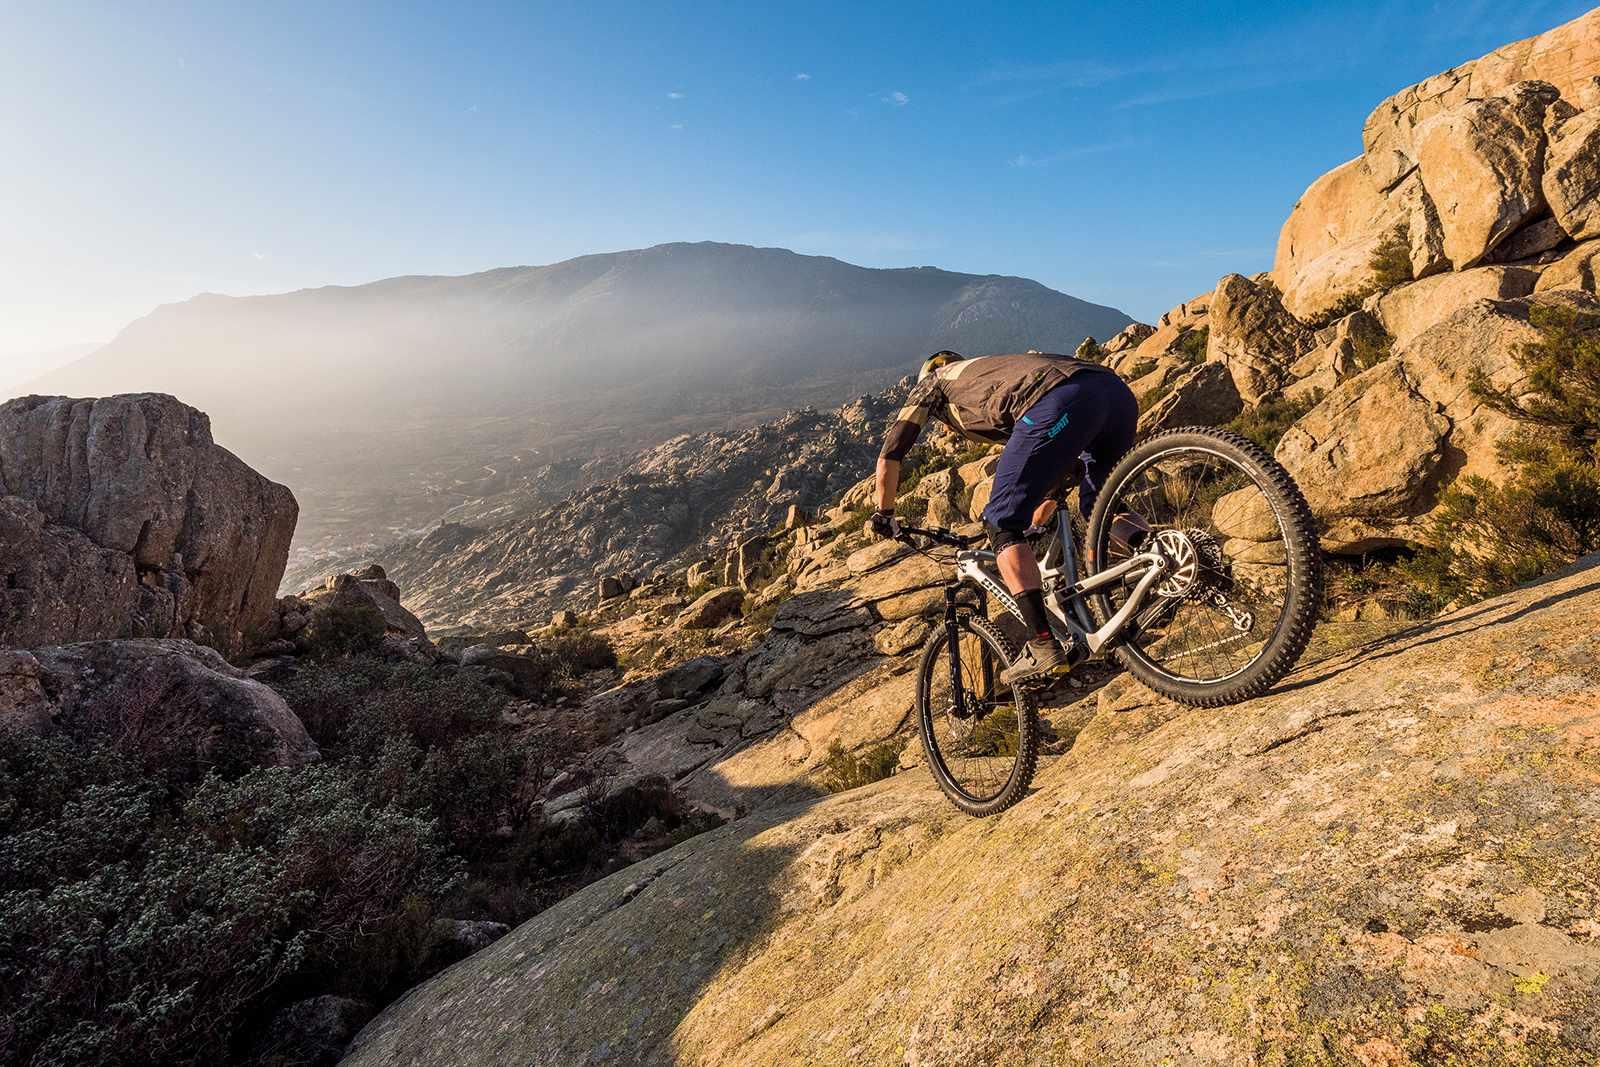 Propain Hugene, full suspension mountain bike